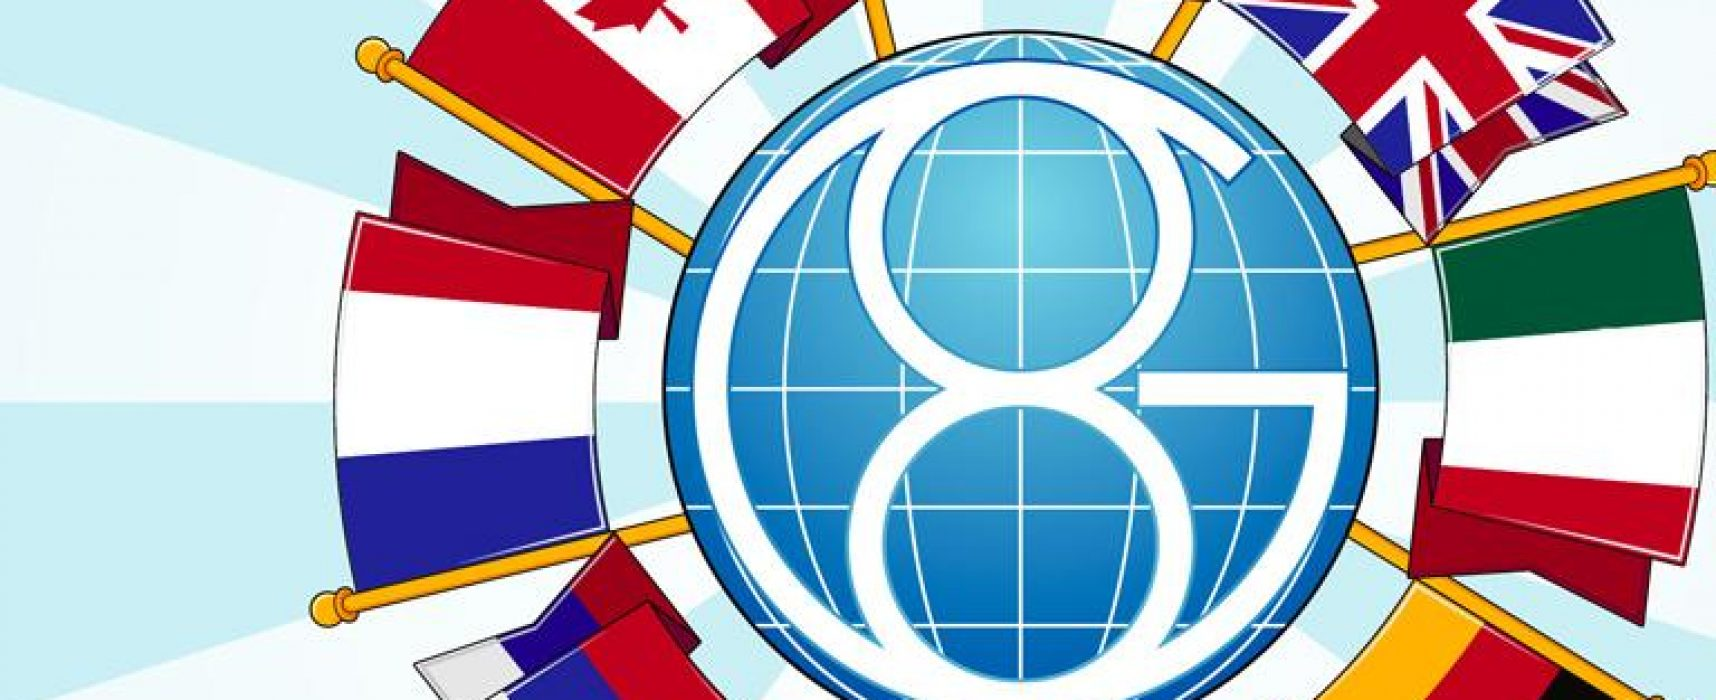 РІА «Новости» розмірковує про запрошення Росії повернутися в G8. Але її туди не запрошують